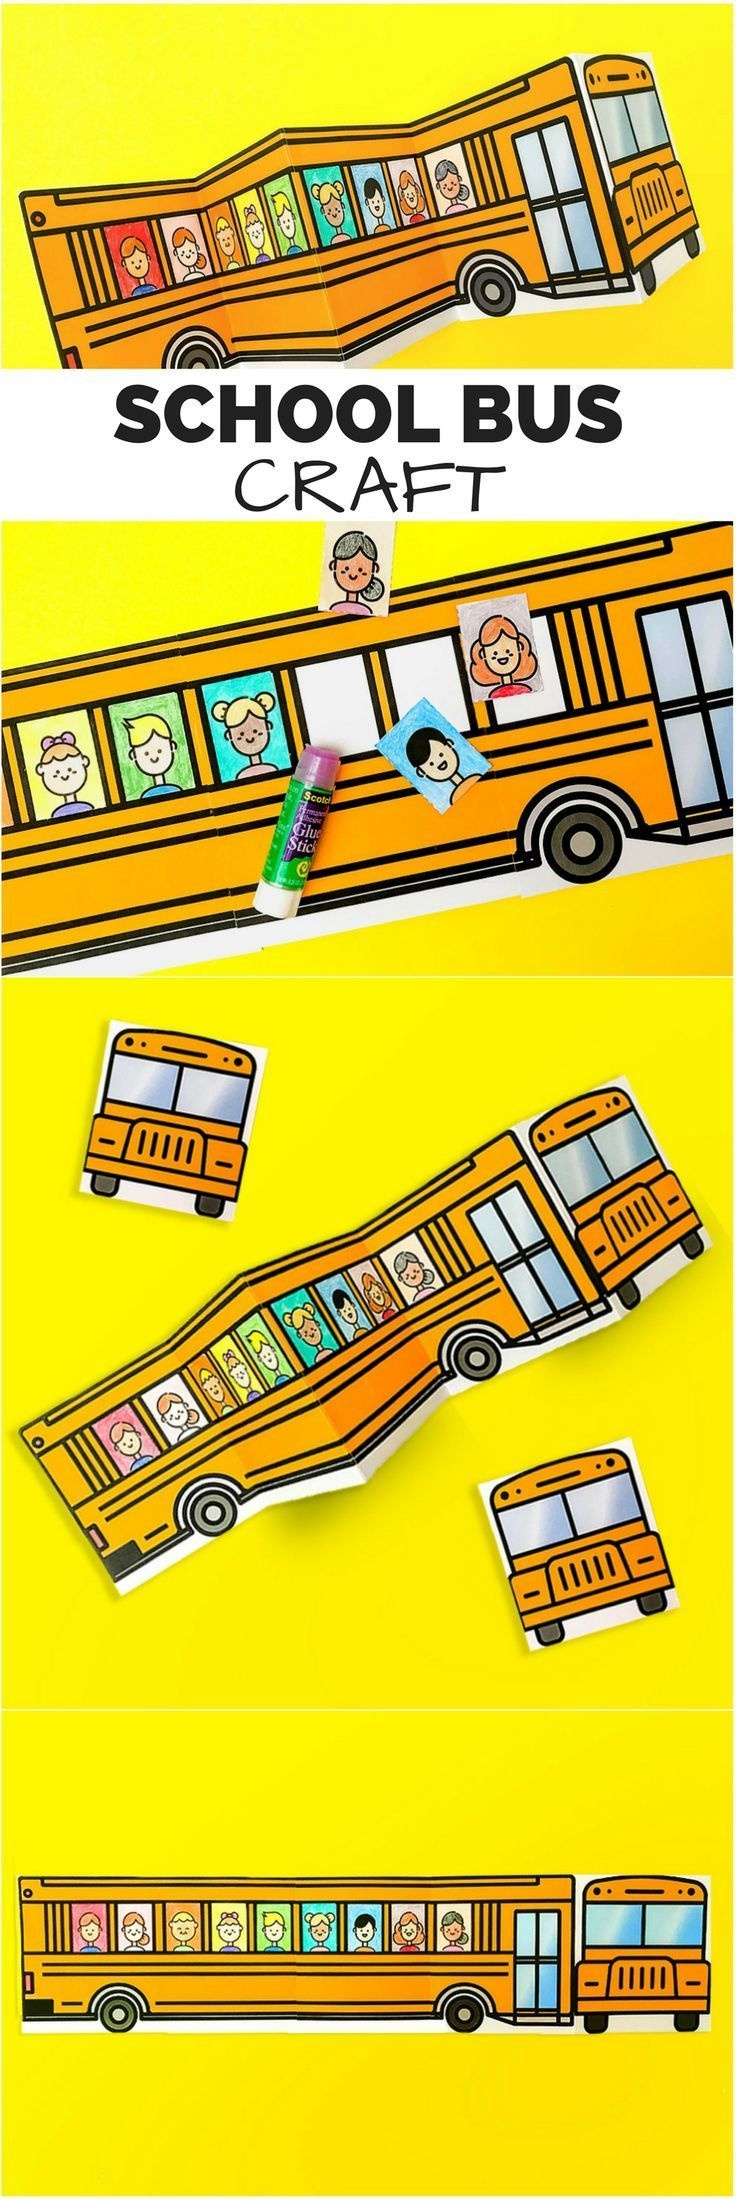 School Bus Of Friends Free Printable | Easy Crafts | School Bus - Free Printable School Bus Template